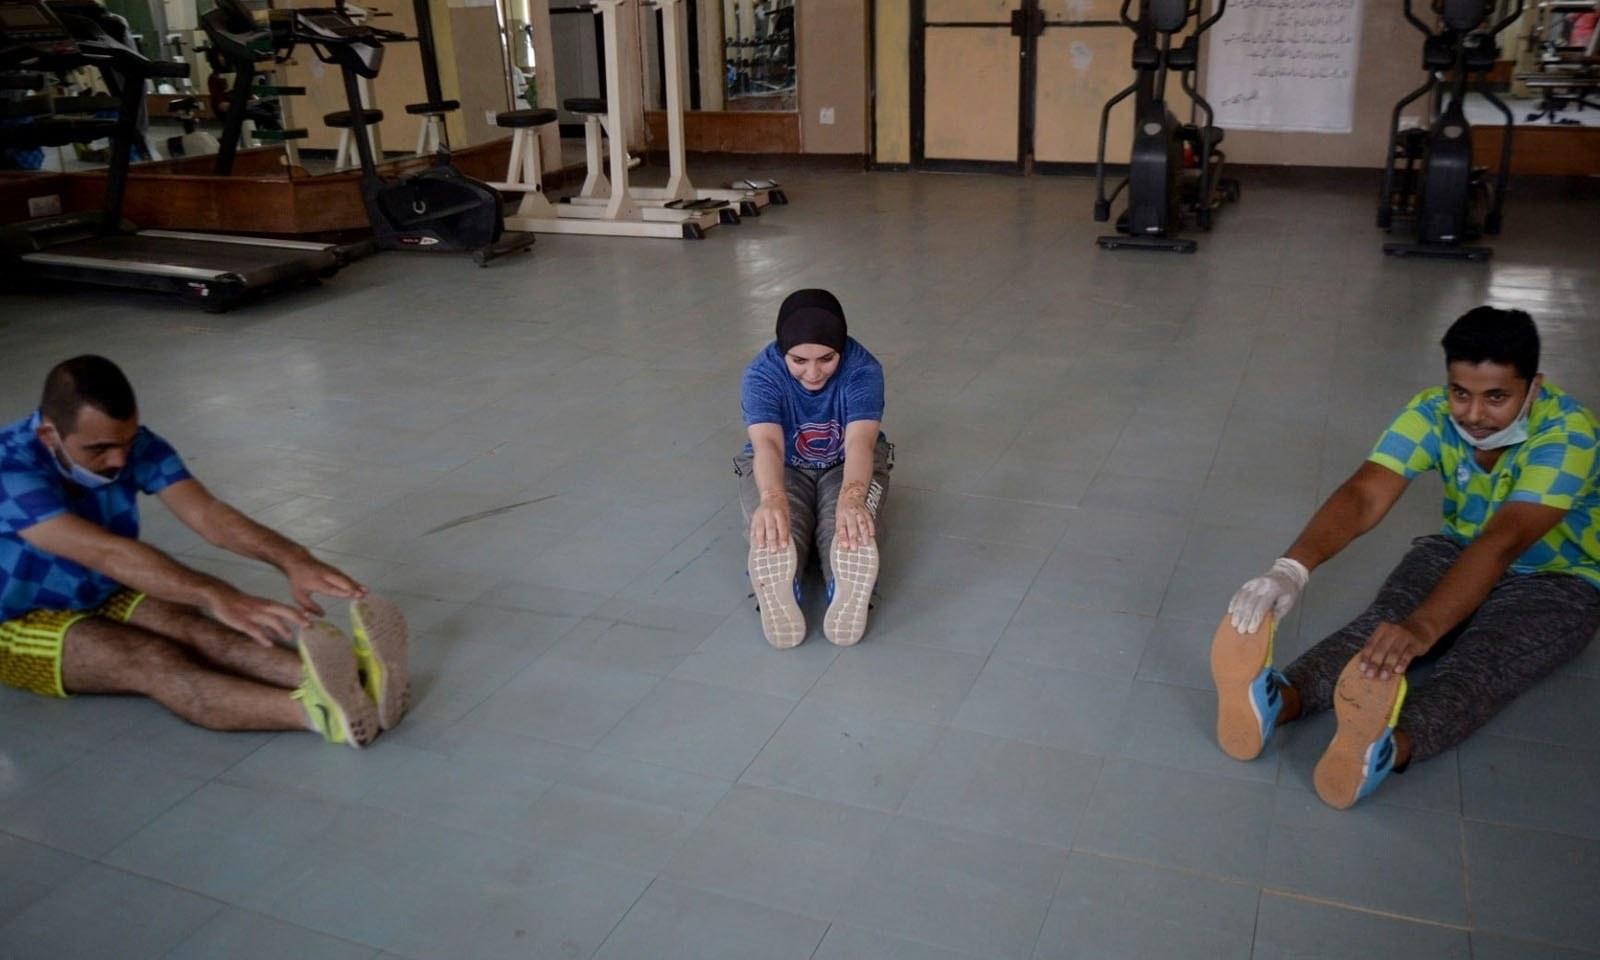 پشاور کے ایک جم میں ایتھلیٹ ورزش کر رہے ہیں — فوٹو: اے پی